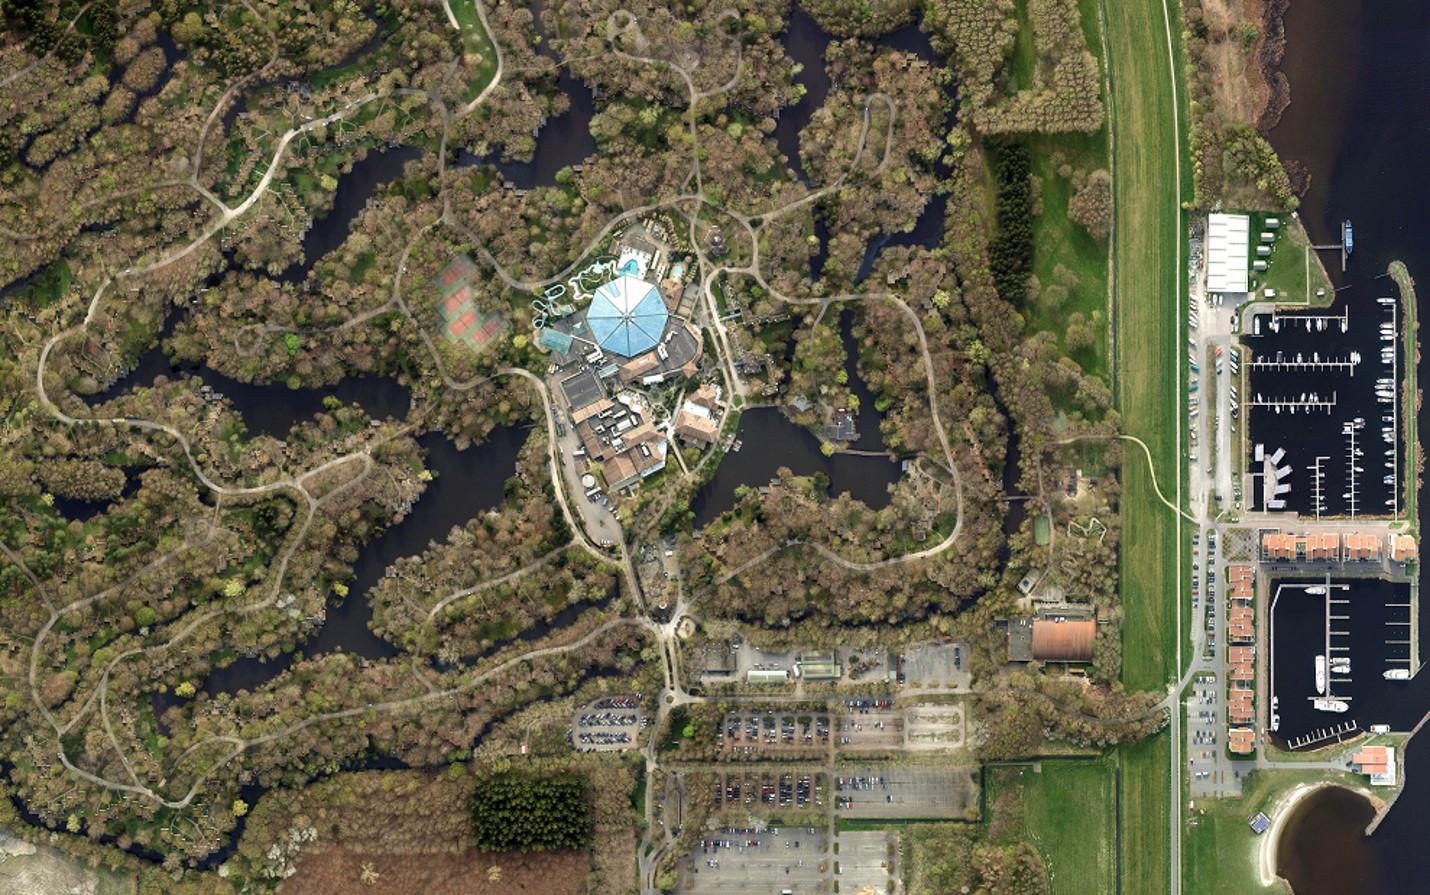 Center Parcs legt 46 miljoen euro op tafel om park De Eemhof in Zeewolde de facelift te geven die bij de moderne tijd hoort.